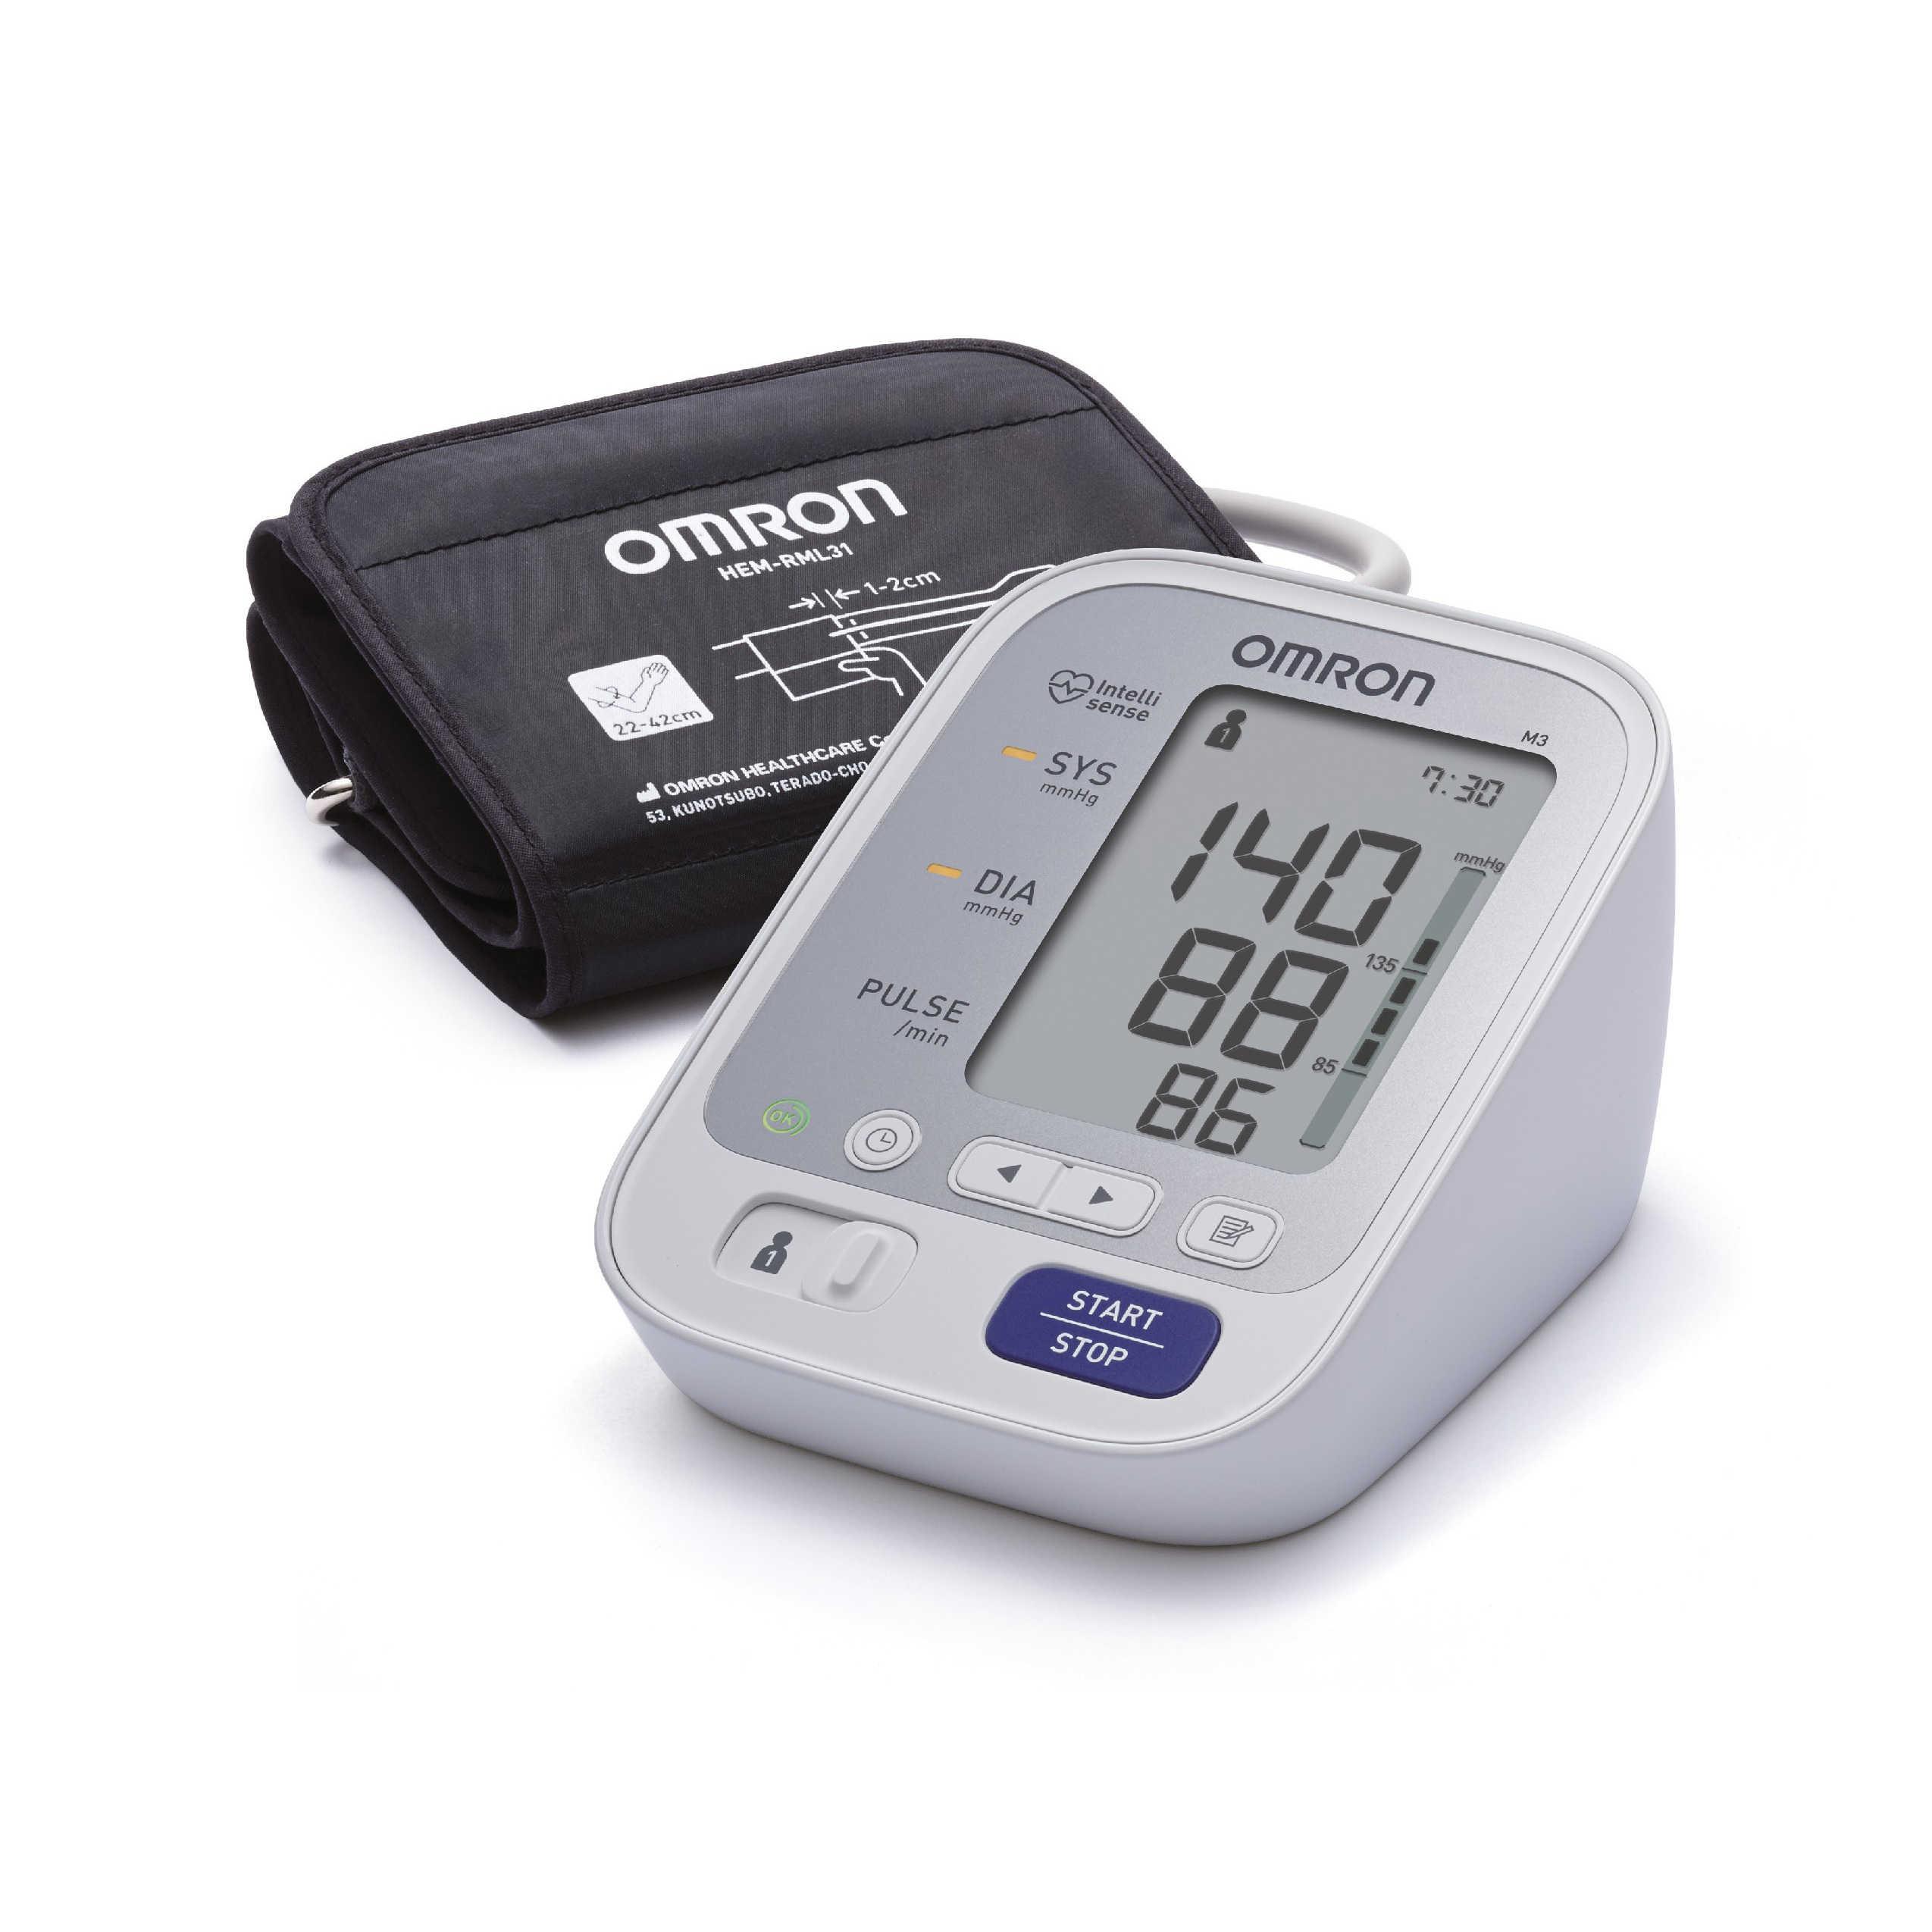 Omron - Misuratore automatico  di pressione - M3 Intellisense